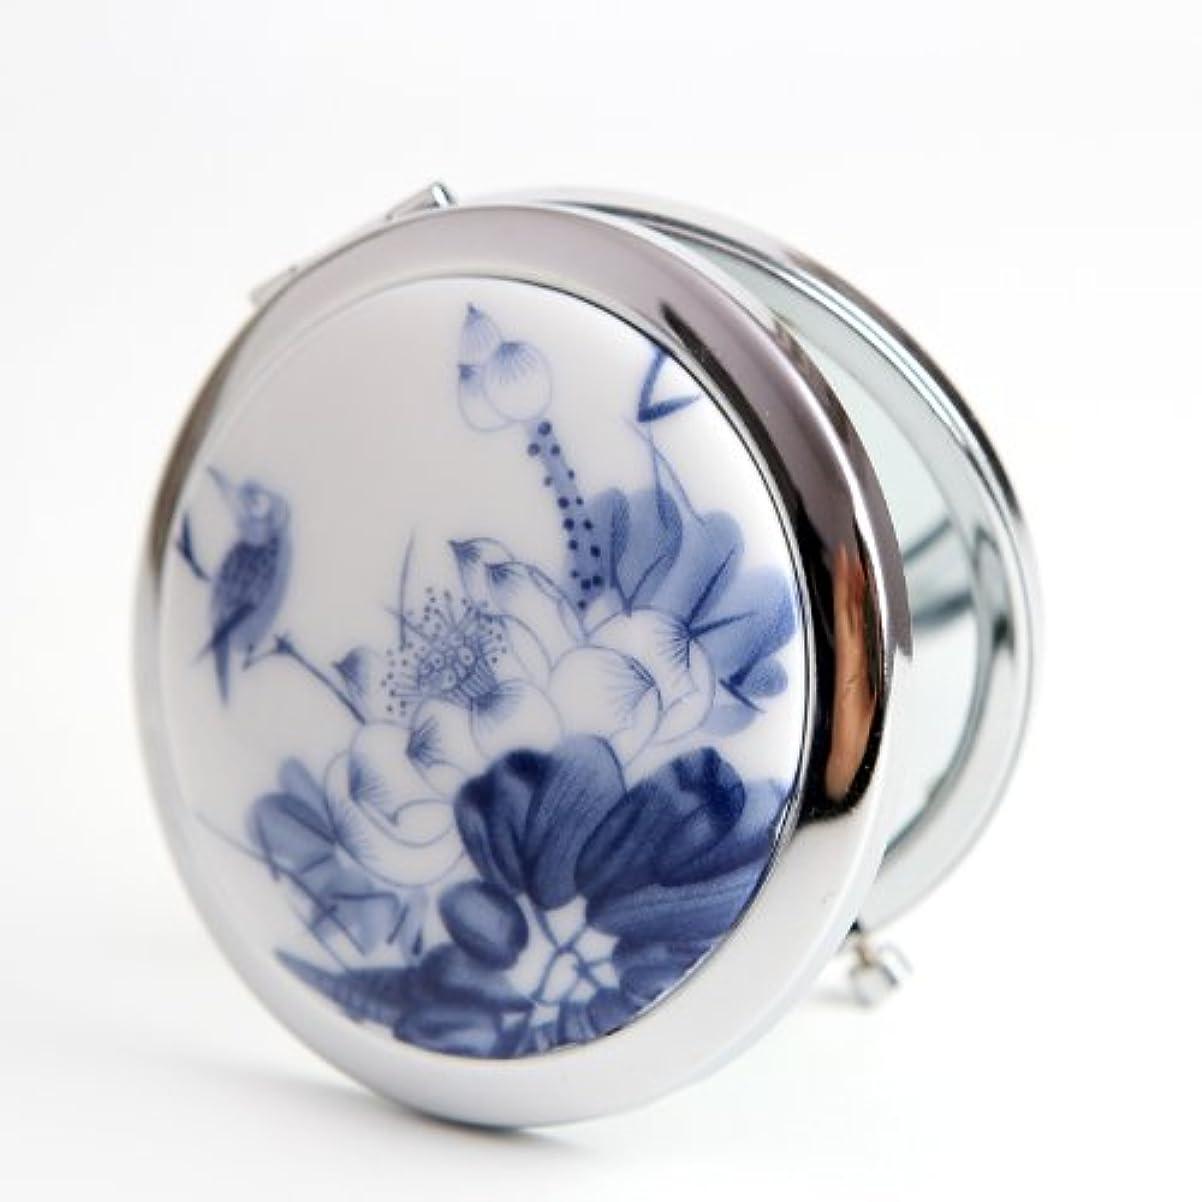 オーガニックゆりかご低い手作り 手鏡 レディース コンパクトミラー 化粧鏡 携帯ミラー 細かなメイクや日々のスキンケアに最適!